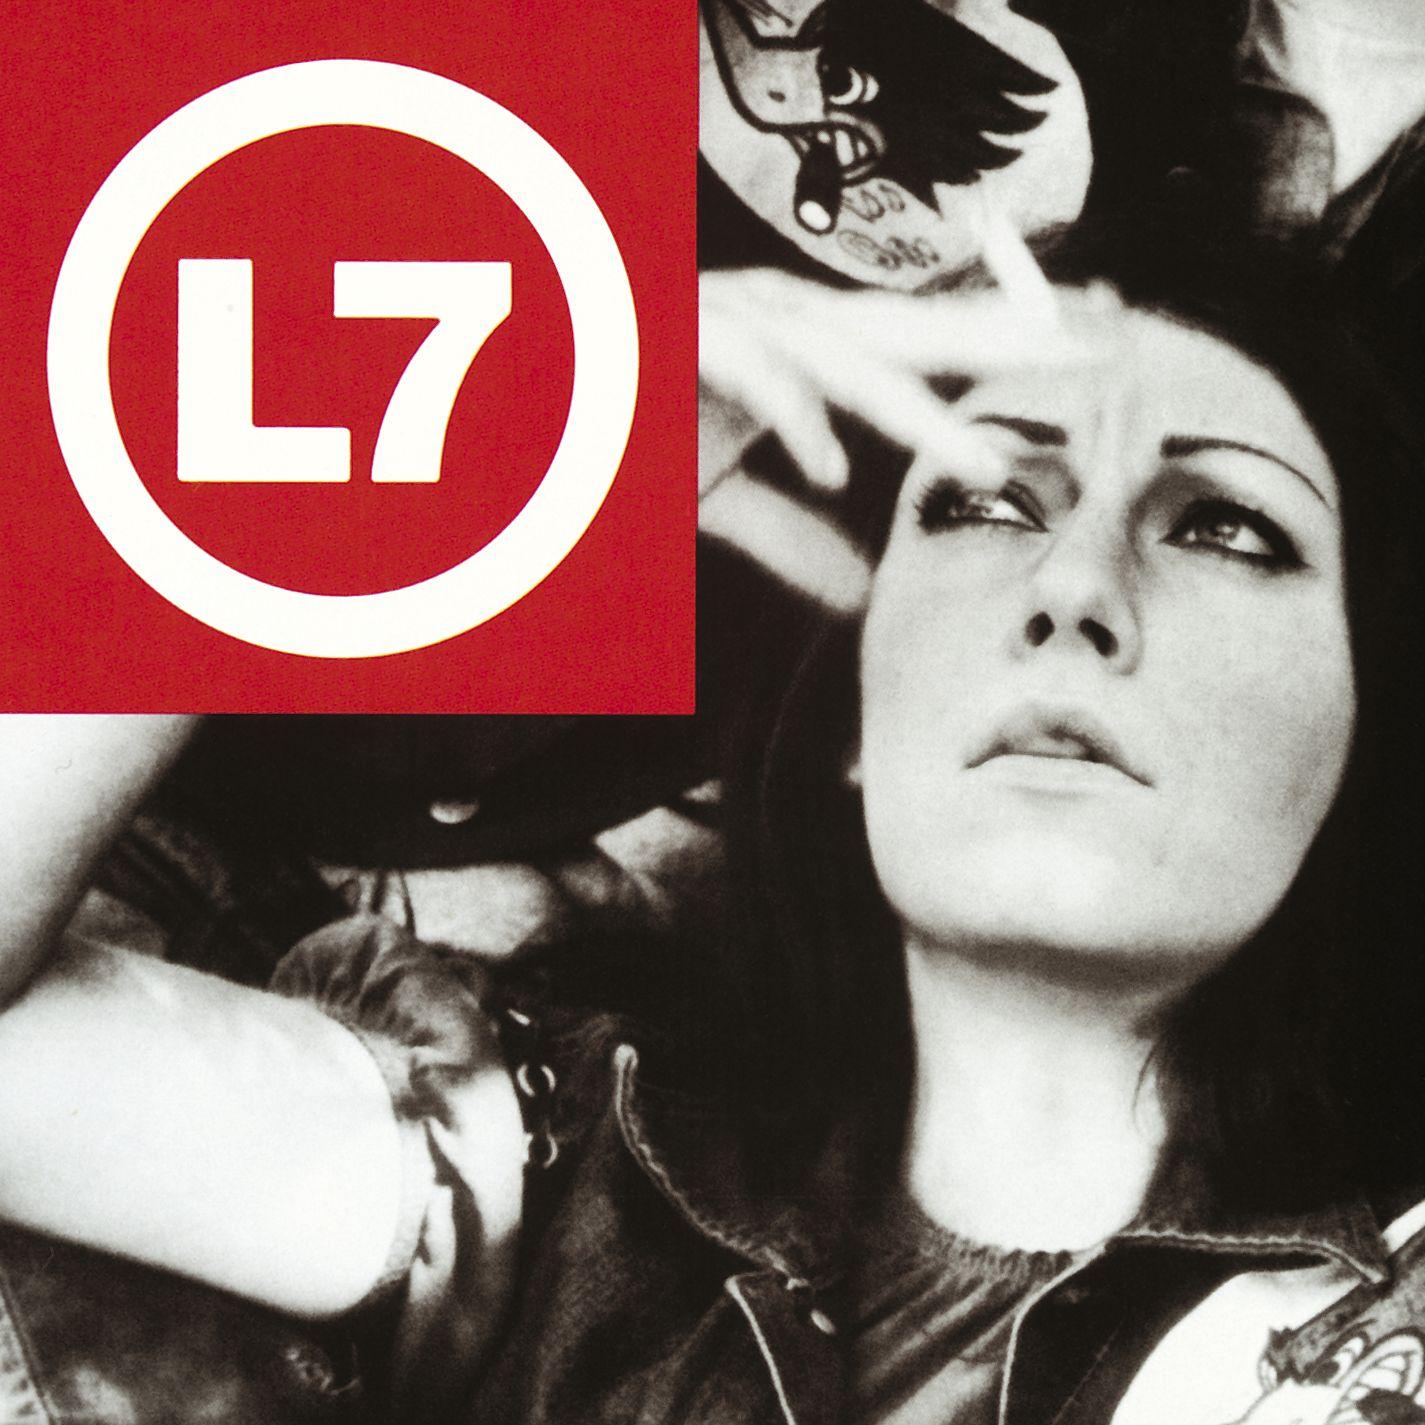 L7 - The Beauty Process: Triple Platinum cover